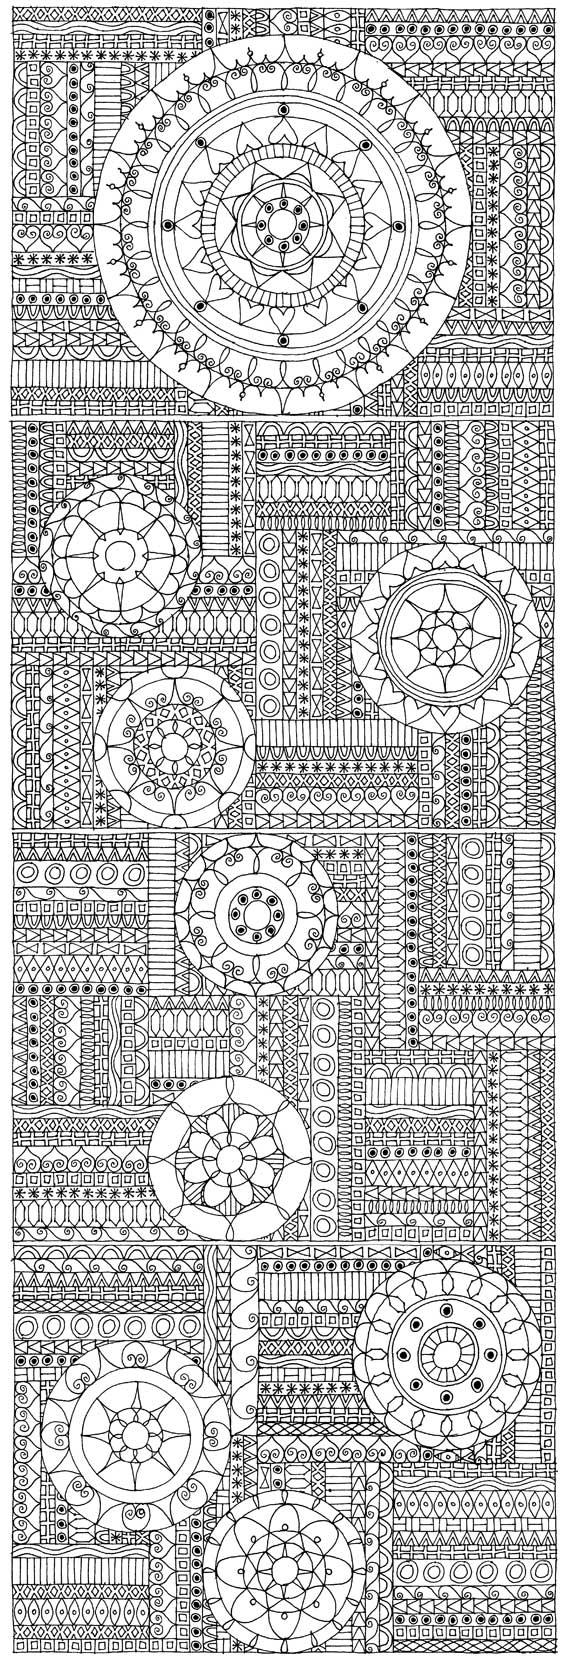 Doodle258